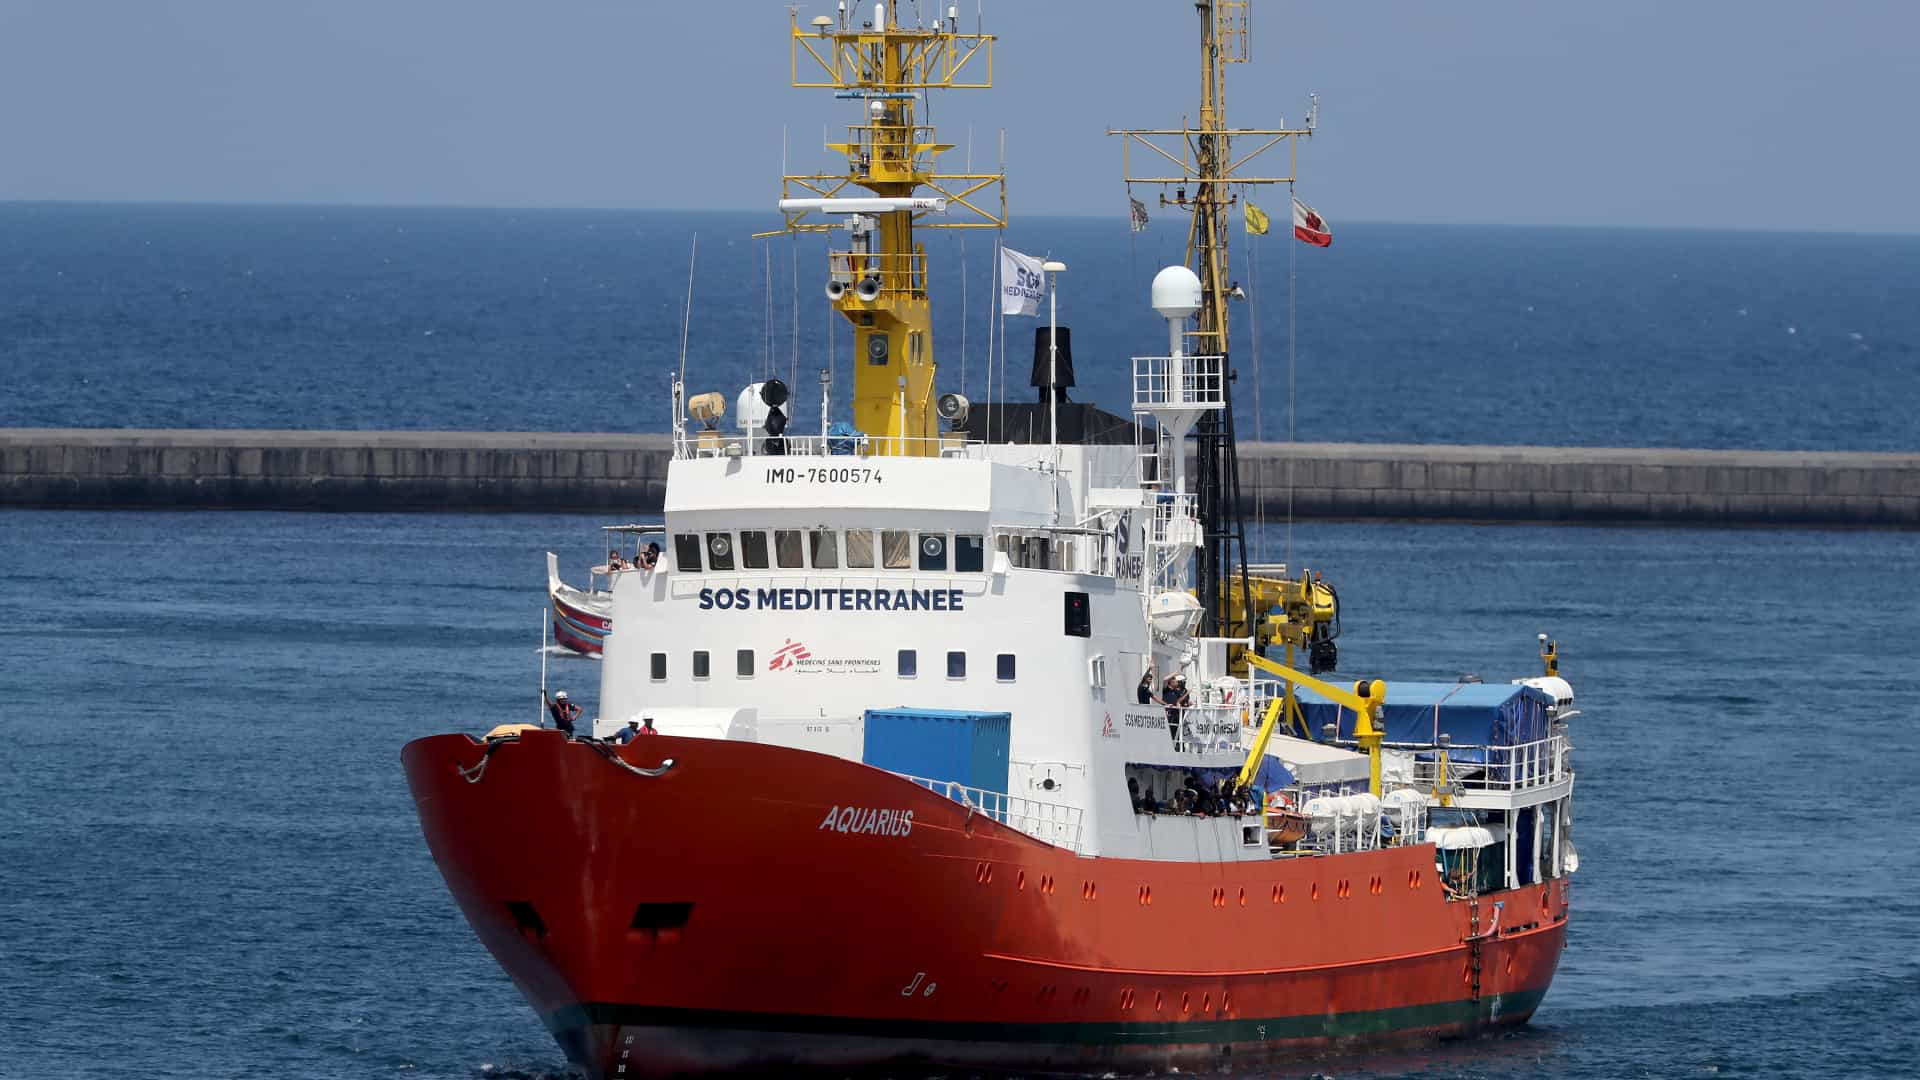 Aquarius regressa ao Mediterrâneo com novo nome e nova bandeira